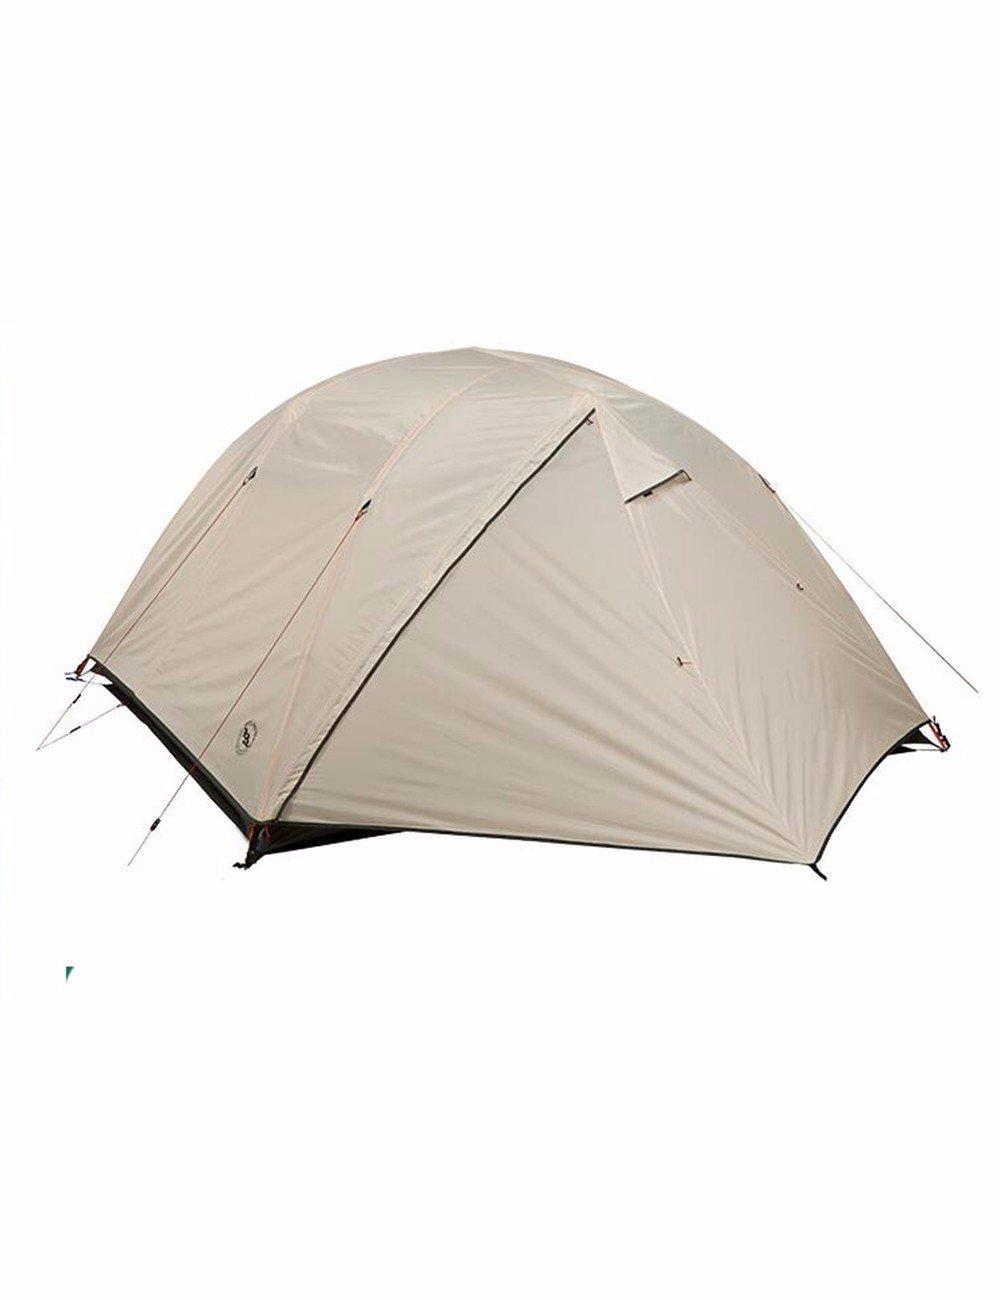 SJQKA-Zelt leichte Outdoor Camping drei  Herrenchen wandern Camping Zelt Zelt Anti-Rainstorm